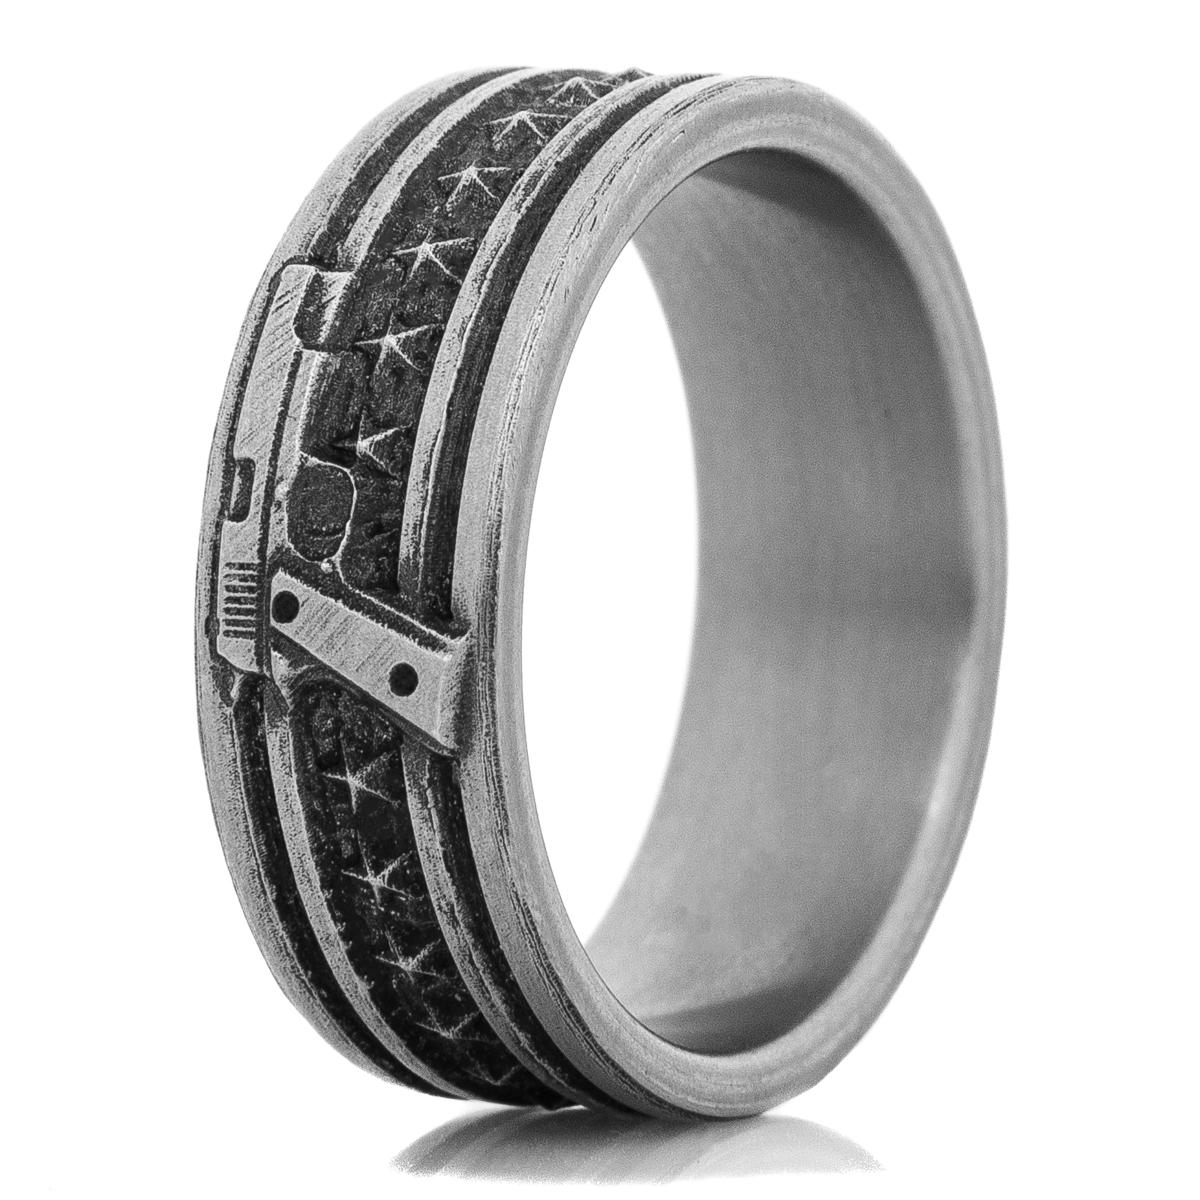 The Titanium Caliber Ring